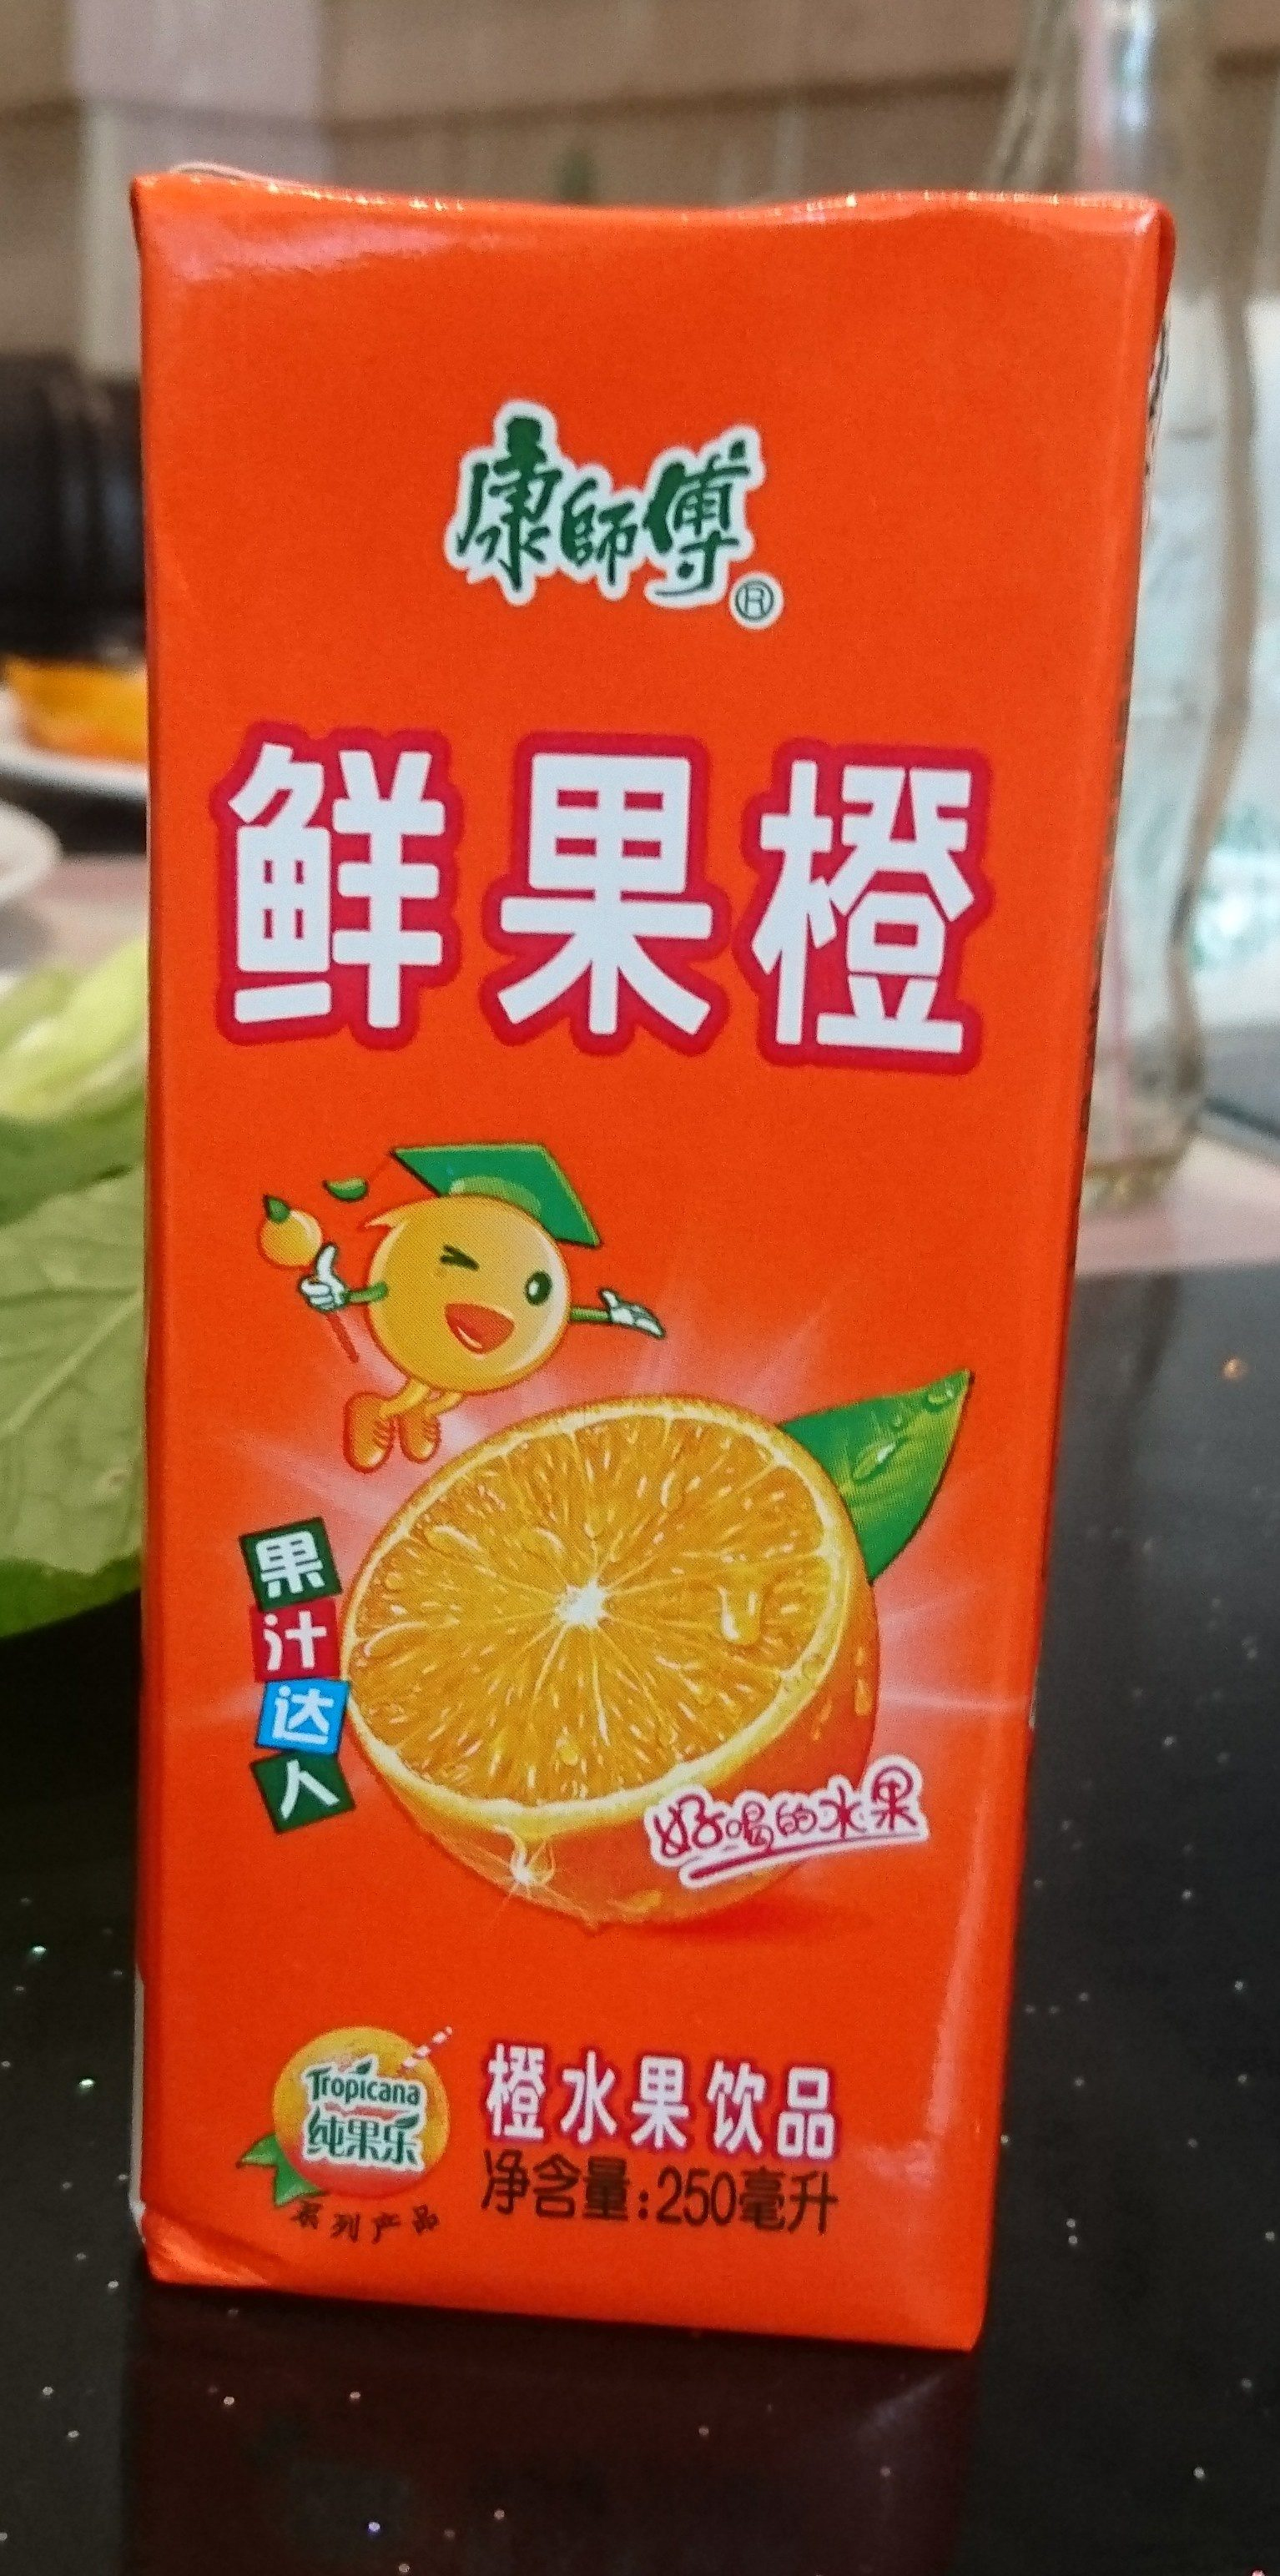 康师傅鲜果橙 - 产品 - zh